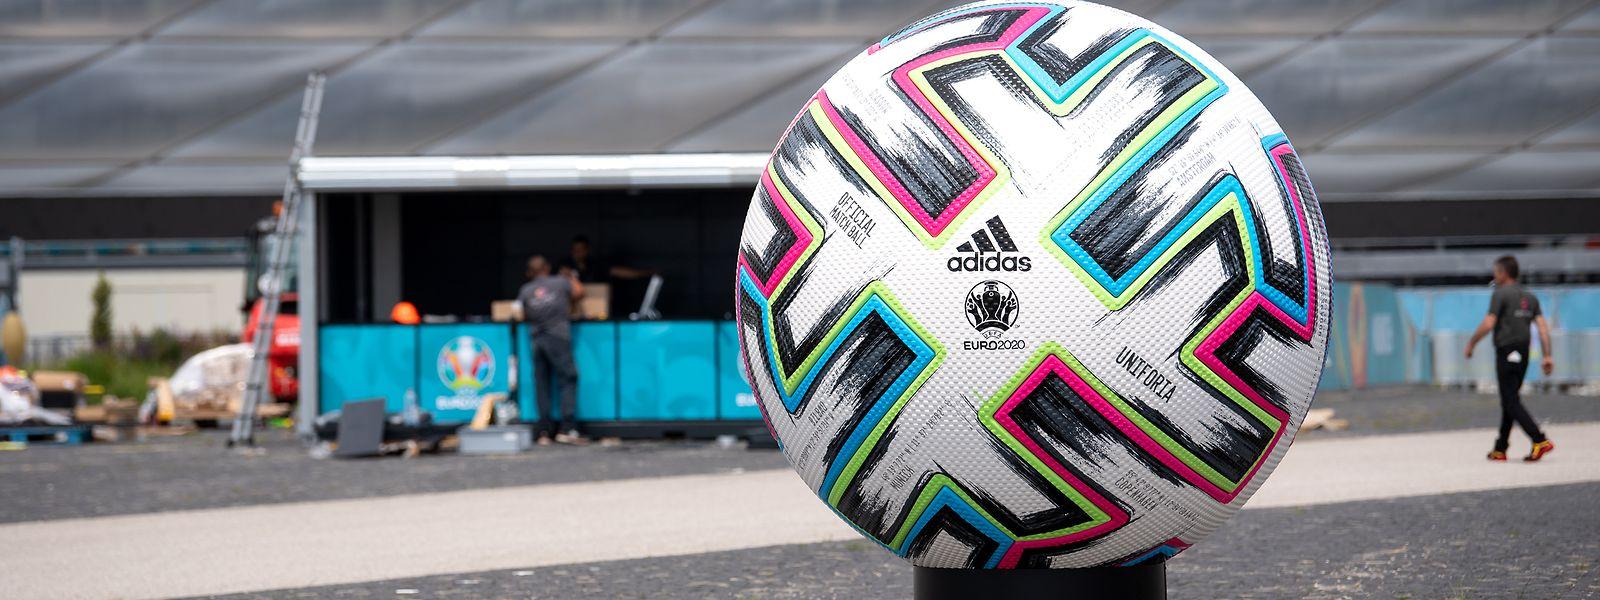 Mit dem Ball Uniforia wird bei der EM gespielt.